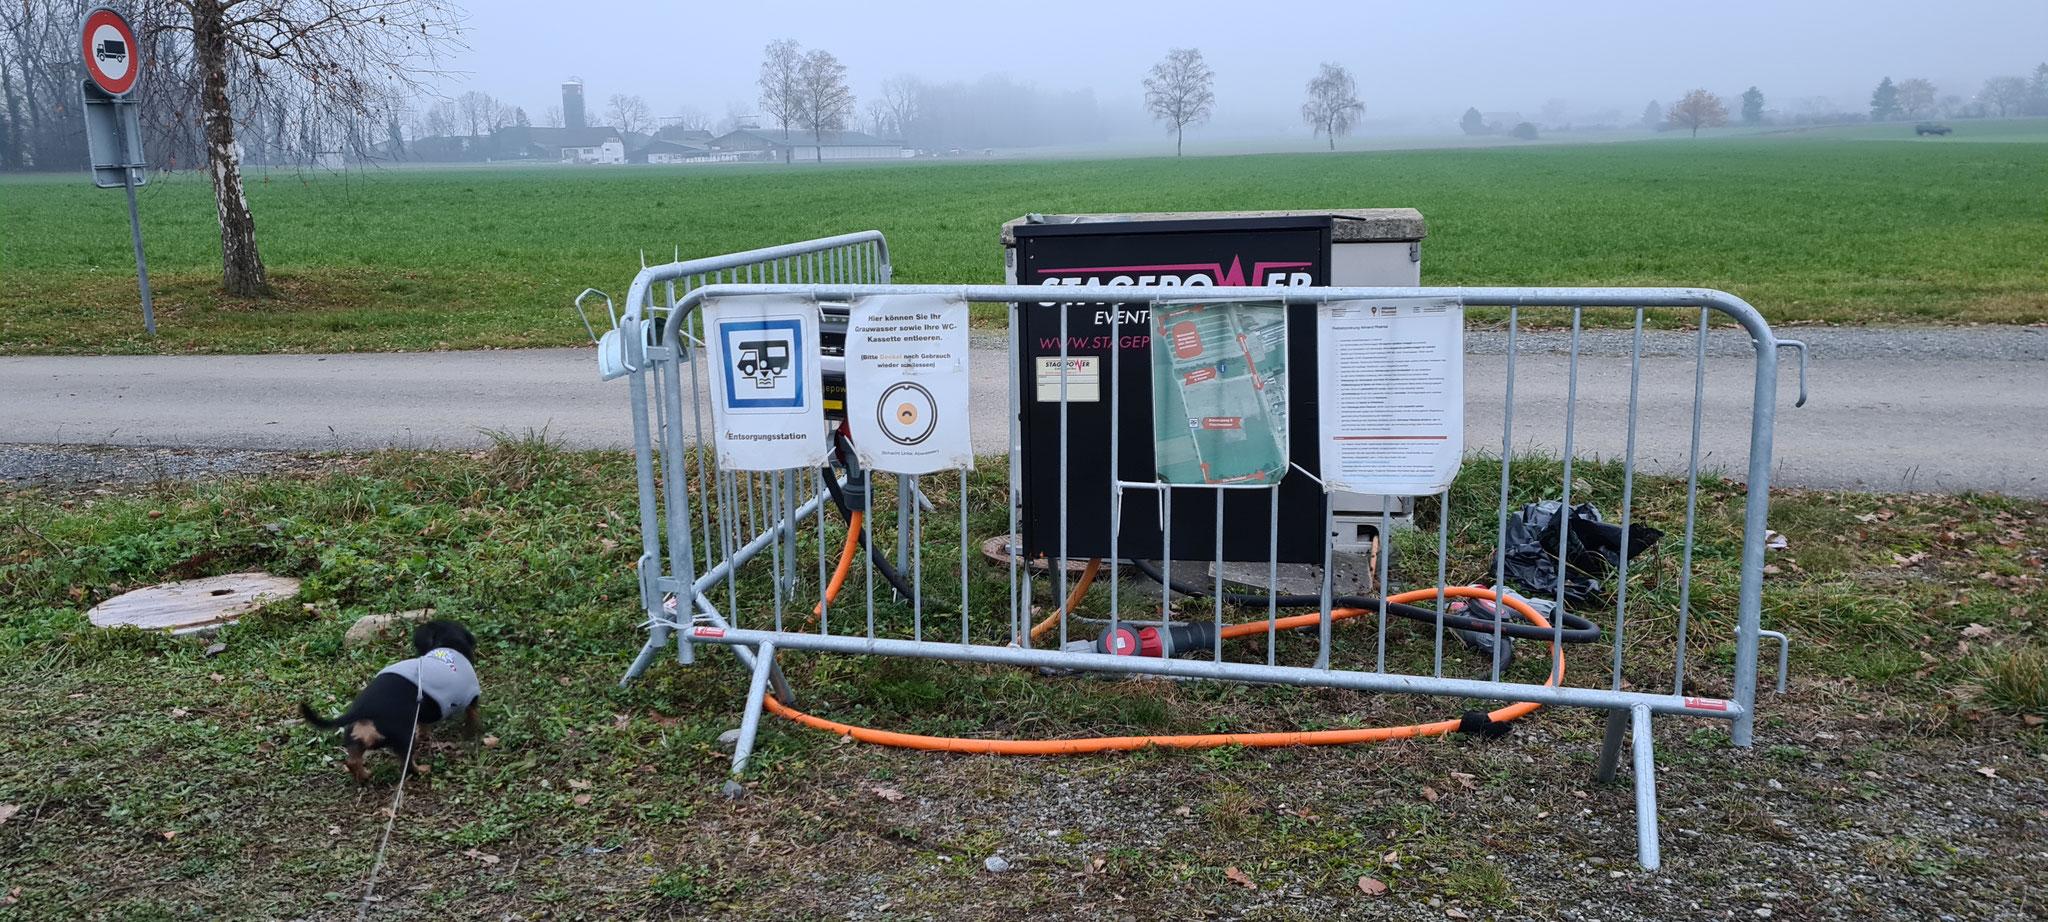 Sanistation für die Entsorgung. Das mit dem Wasser klären wir noch...